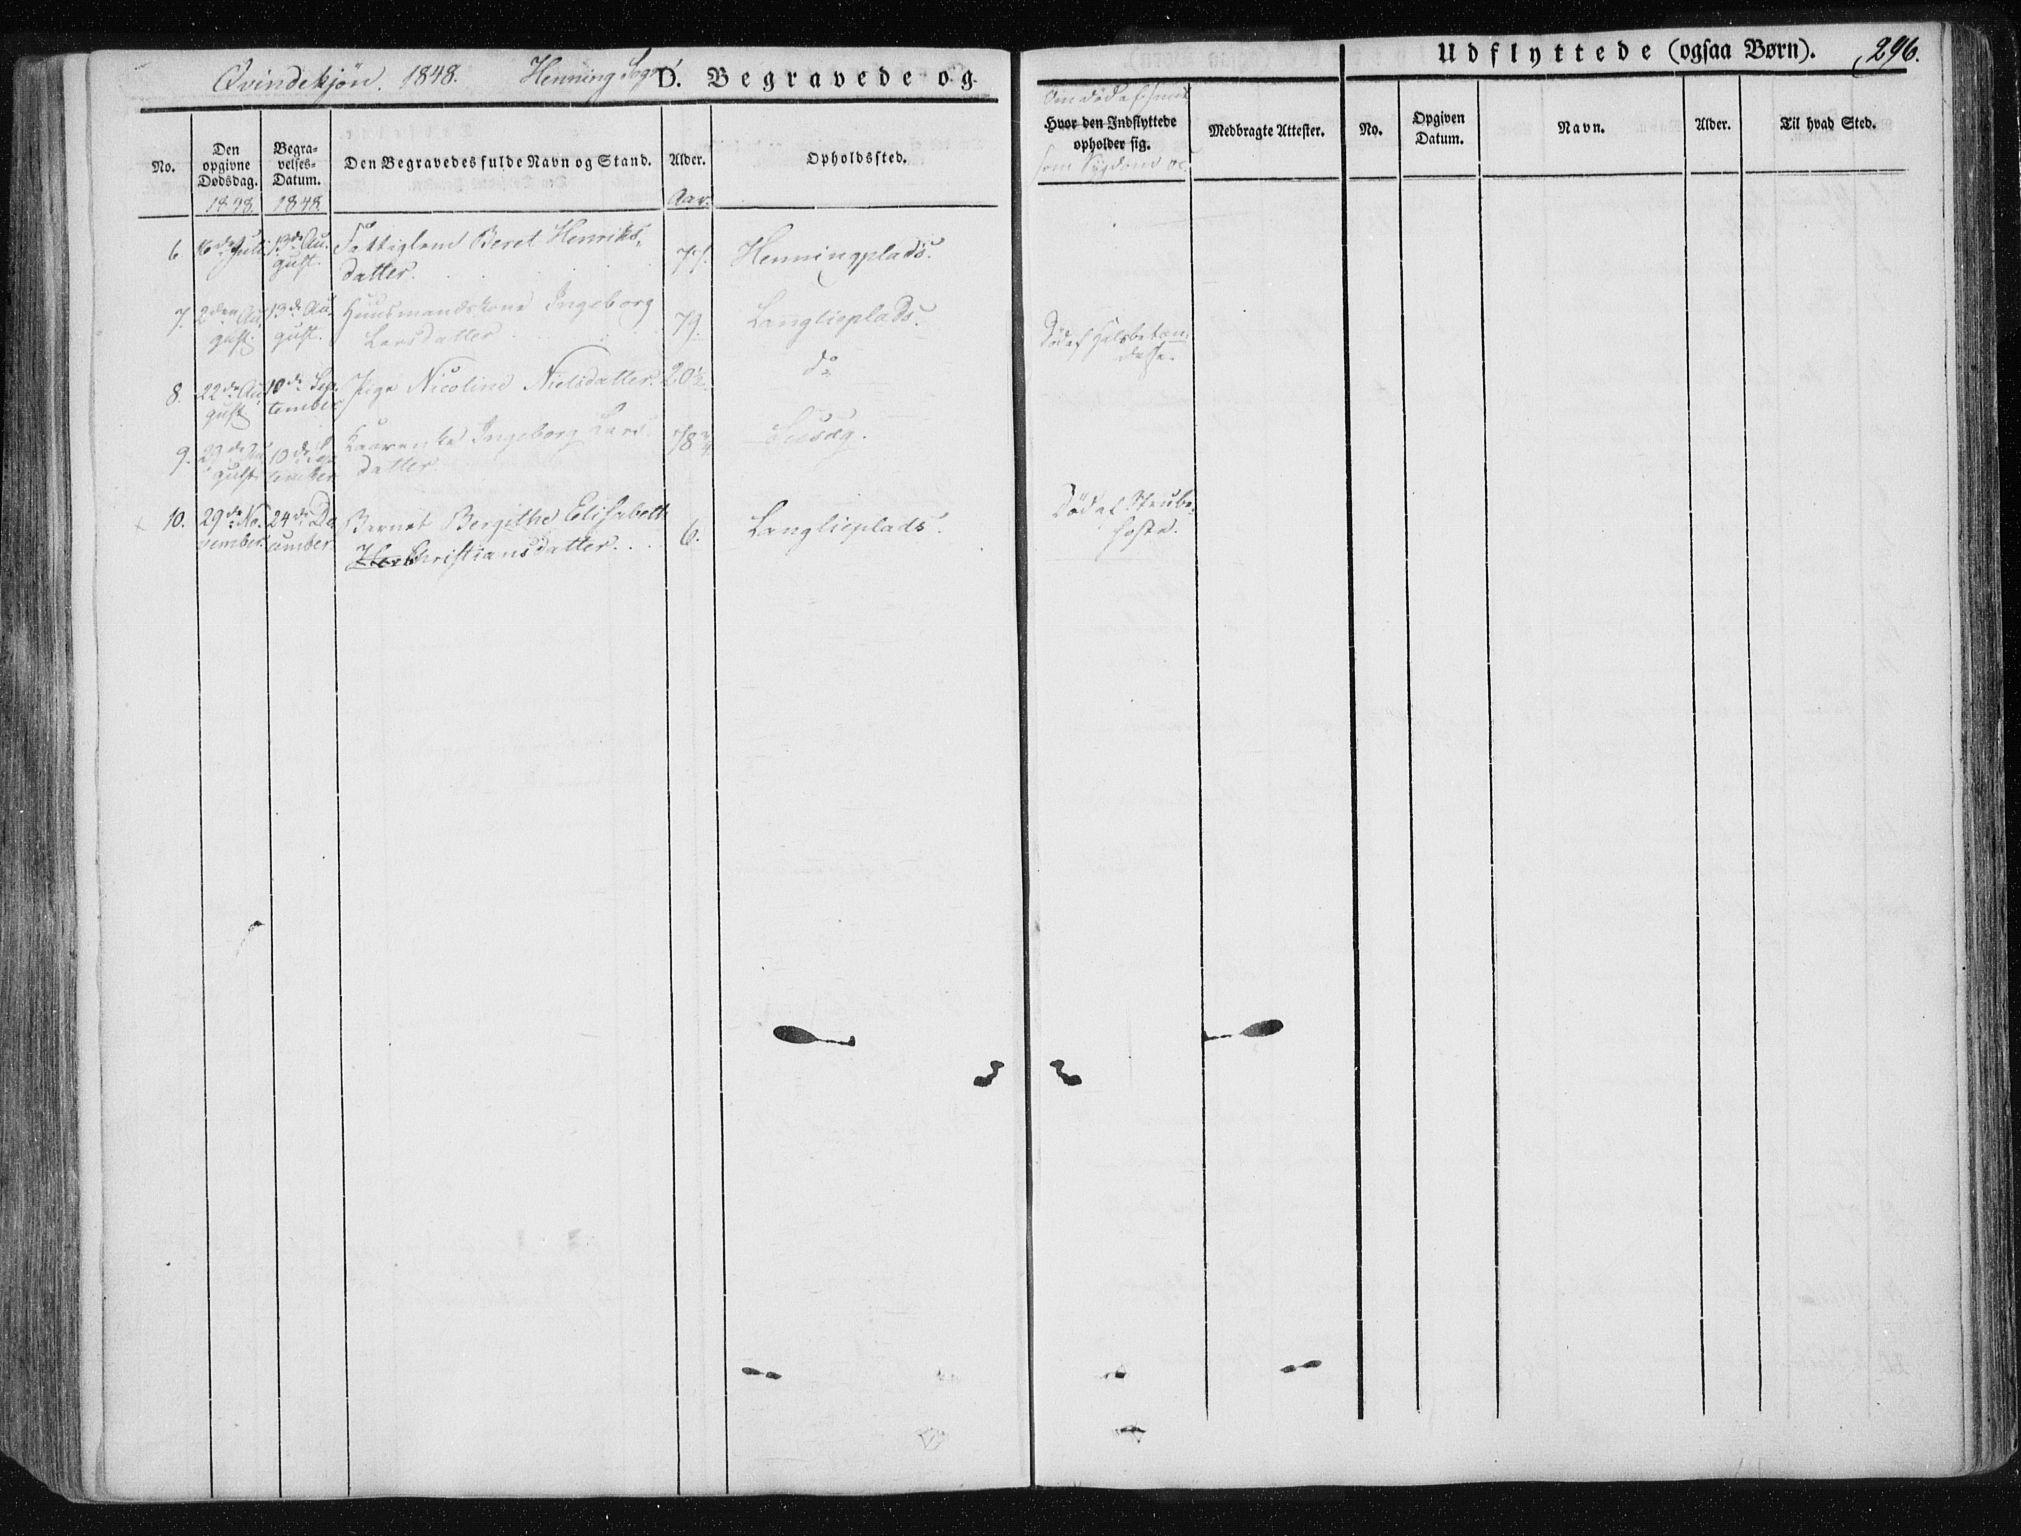 SAT, Ministerialprotokoller, klokkerbøker og fødselsregistre - Nord-Trøndelag, 735/L0339: Ministerialbok nr. 735A06 /3, 1836-1848, s. 296